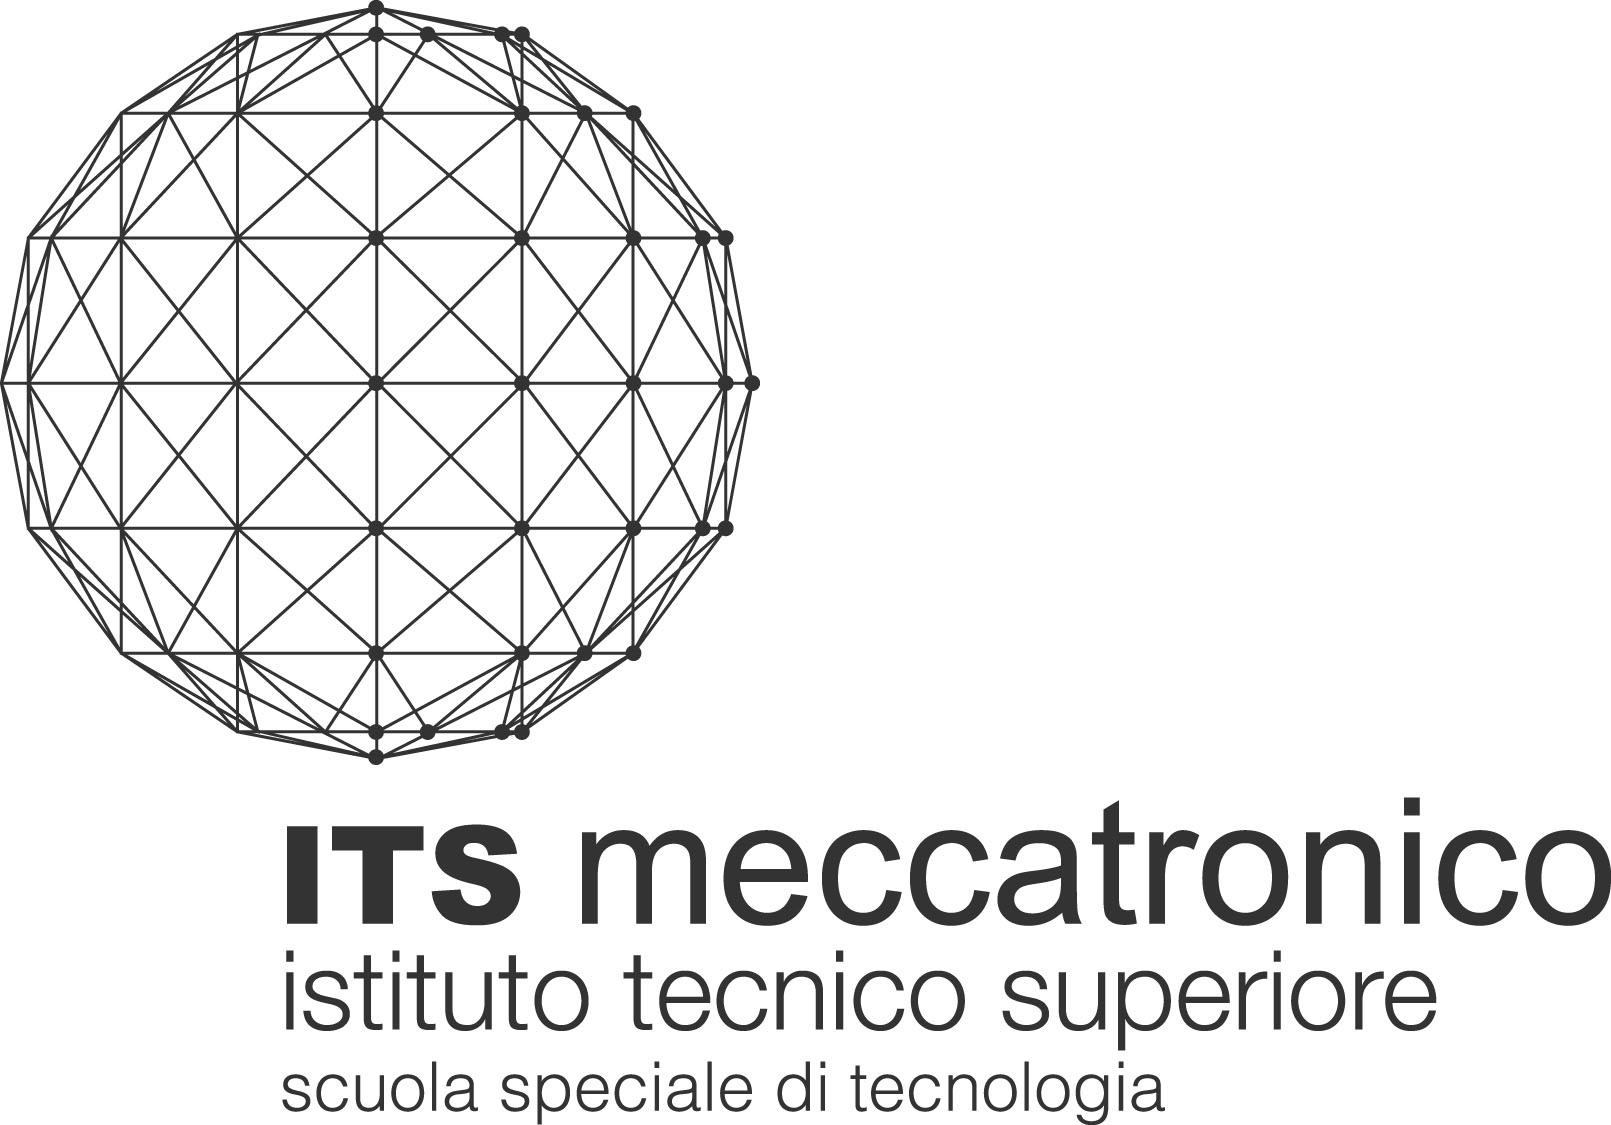 """RAI 3 """"IL POSTO GIUSTO"""" DEL 1 MARZO : L'ITS MECCATRONICO IN TV"""